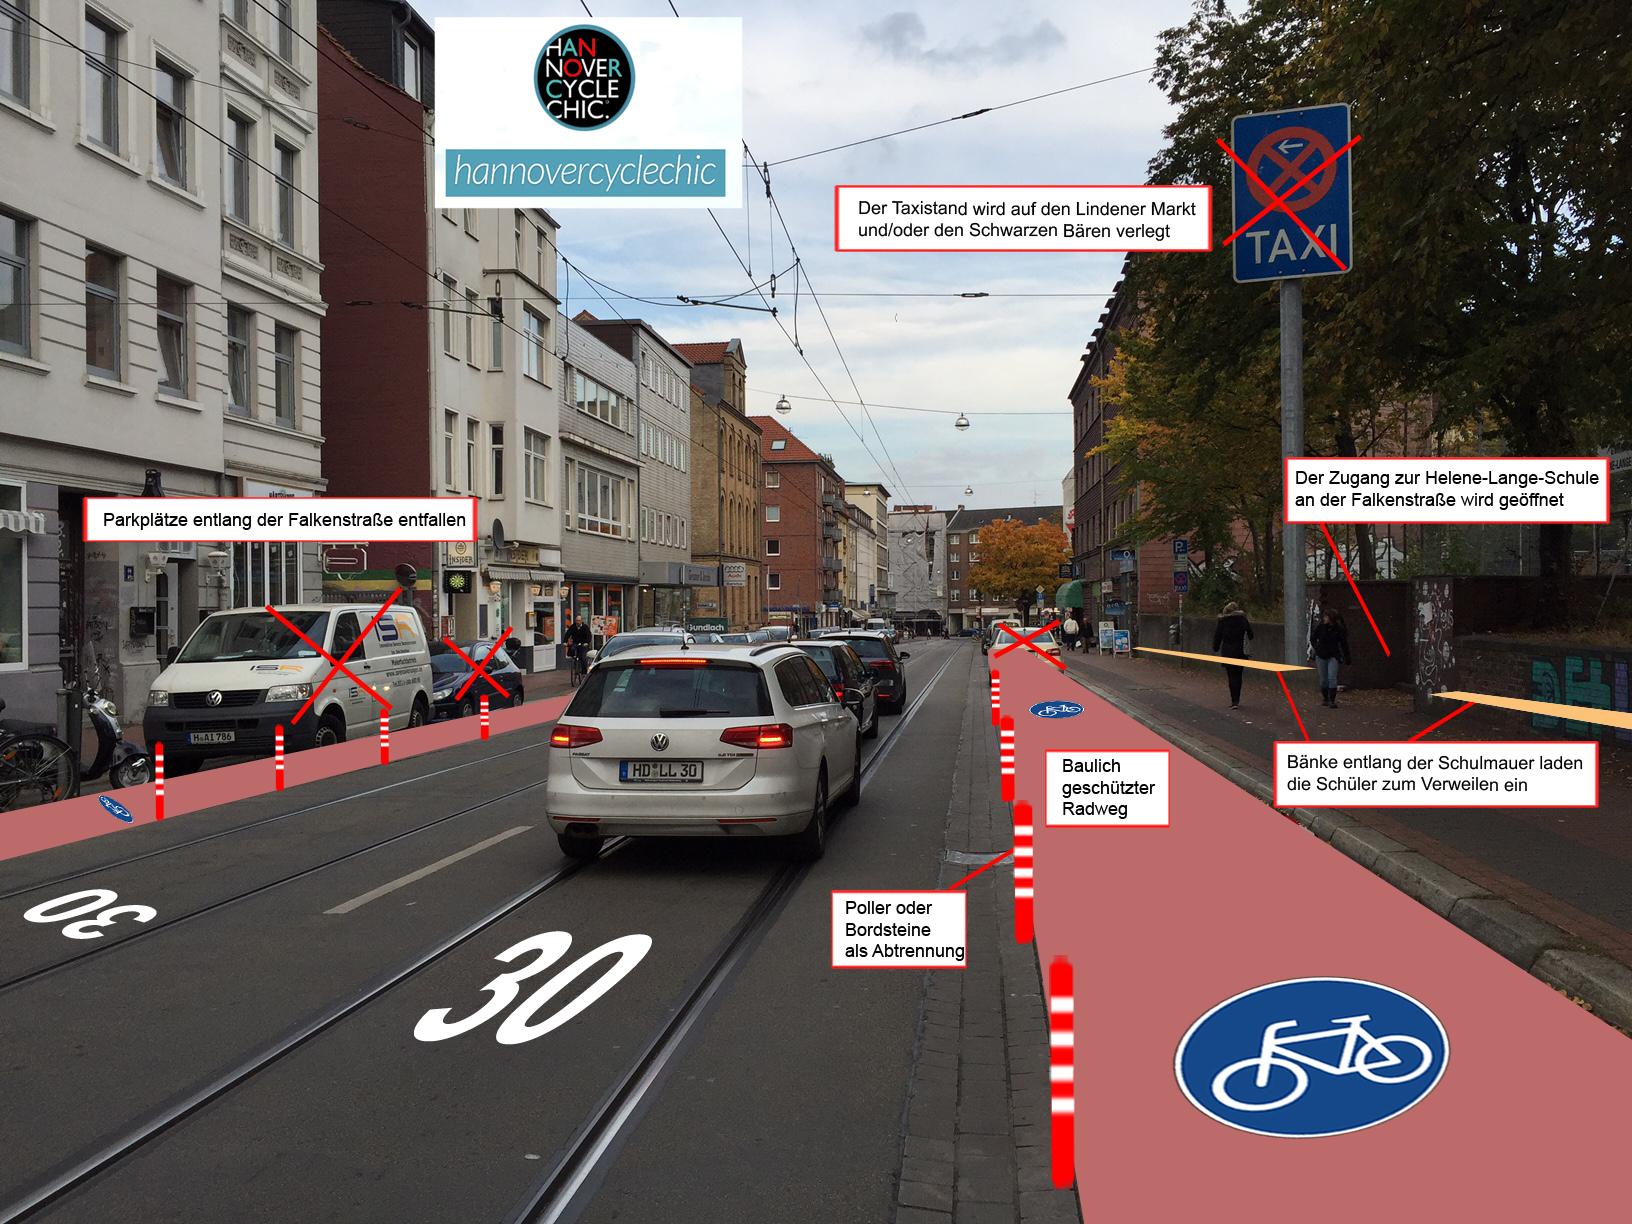 Protected-Bike-Lane auf der Falkenstraße (hannovercyclechic)